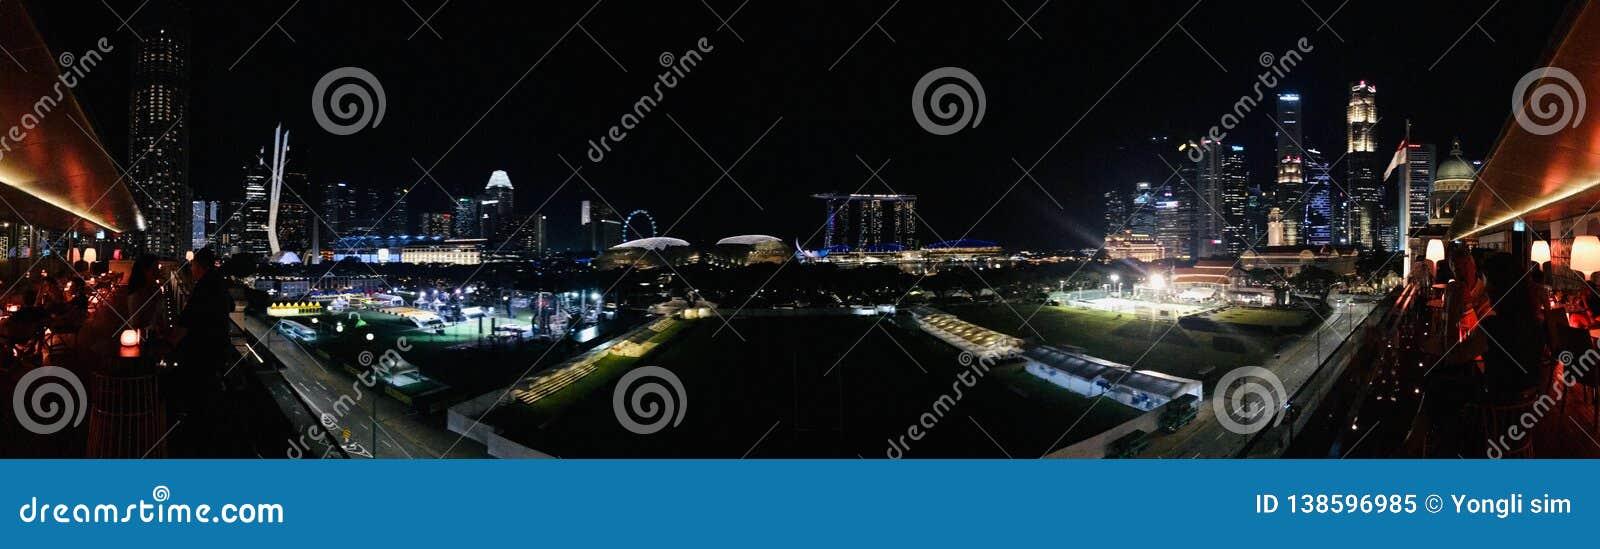 Nachtszenen-Singapur-Handelsmitte 02